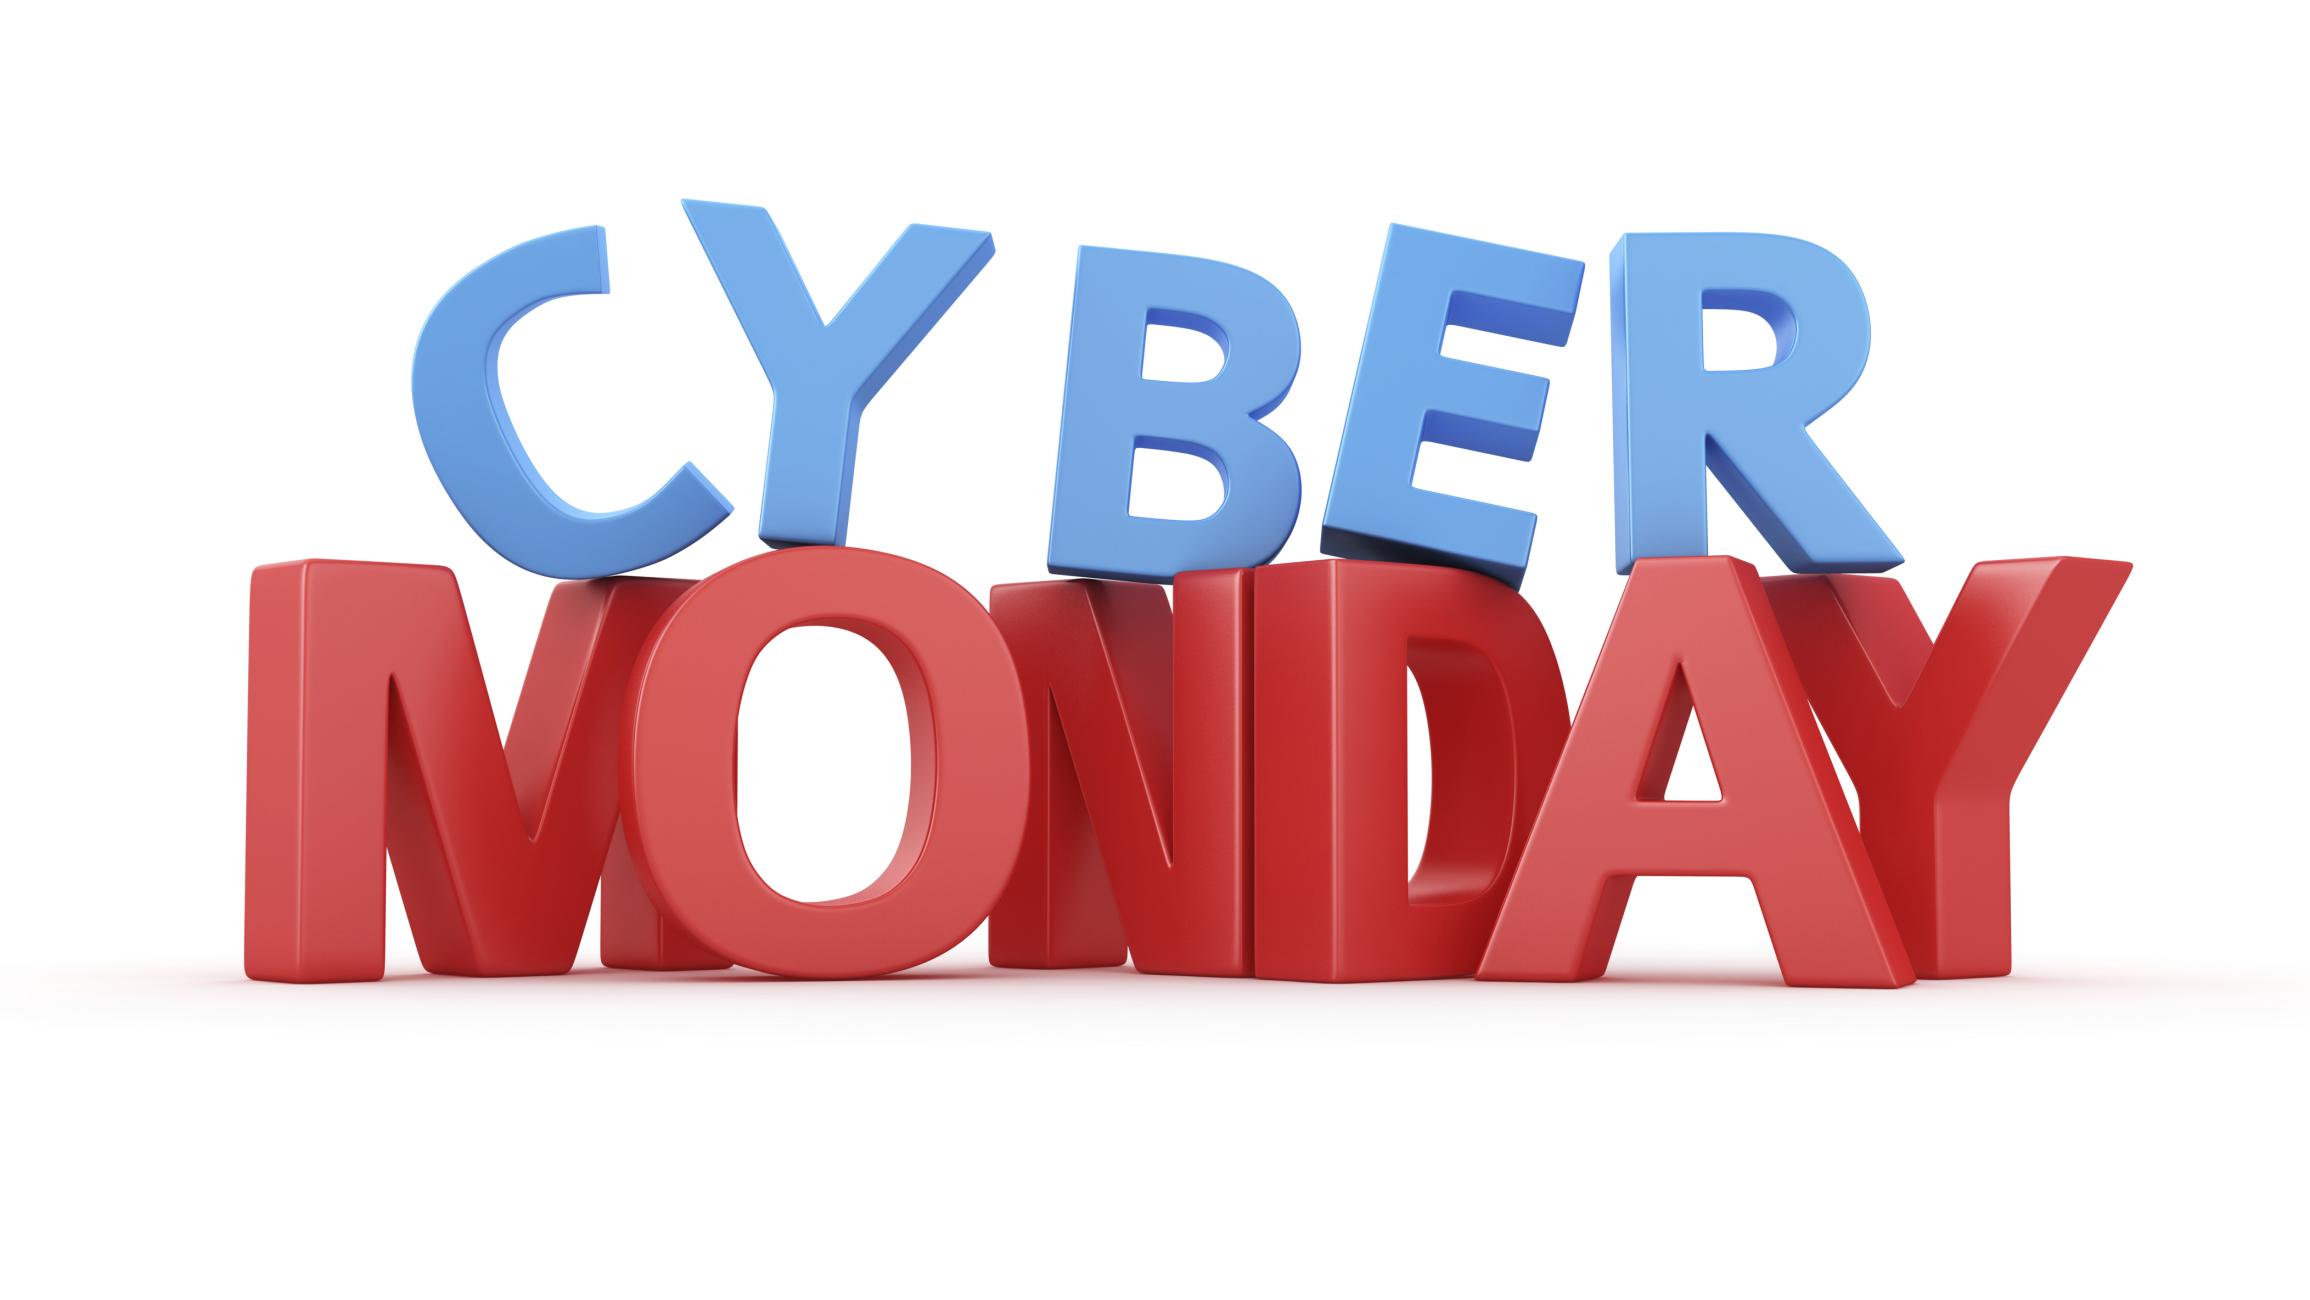 29906170001 3915301096001 CYBER MON 2 - Le offerte del giorno del Cyber Monday 2016 di Amazon